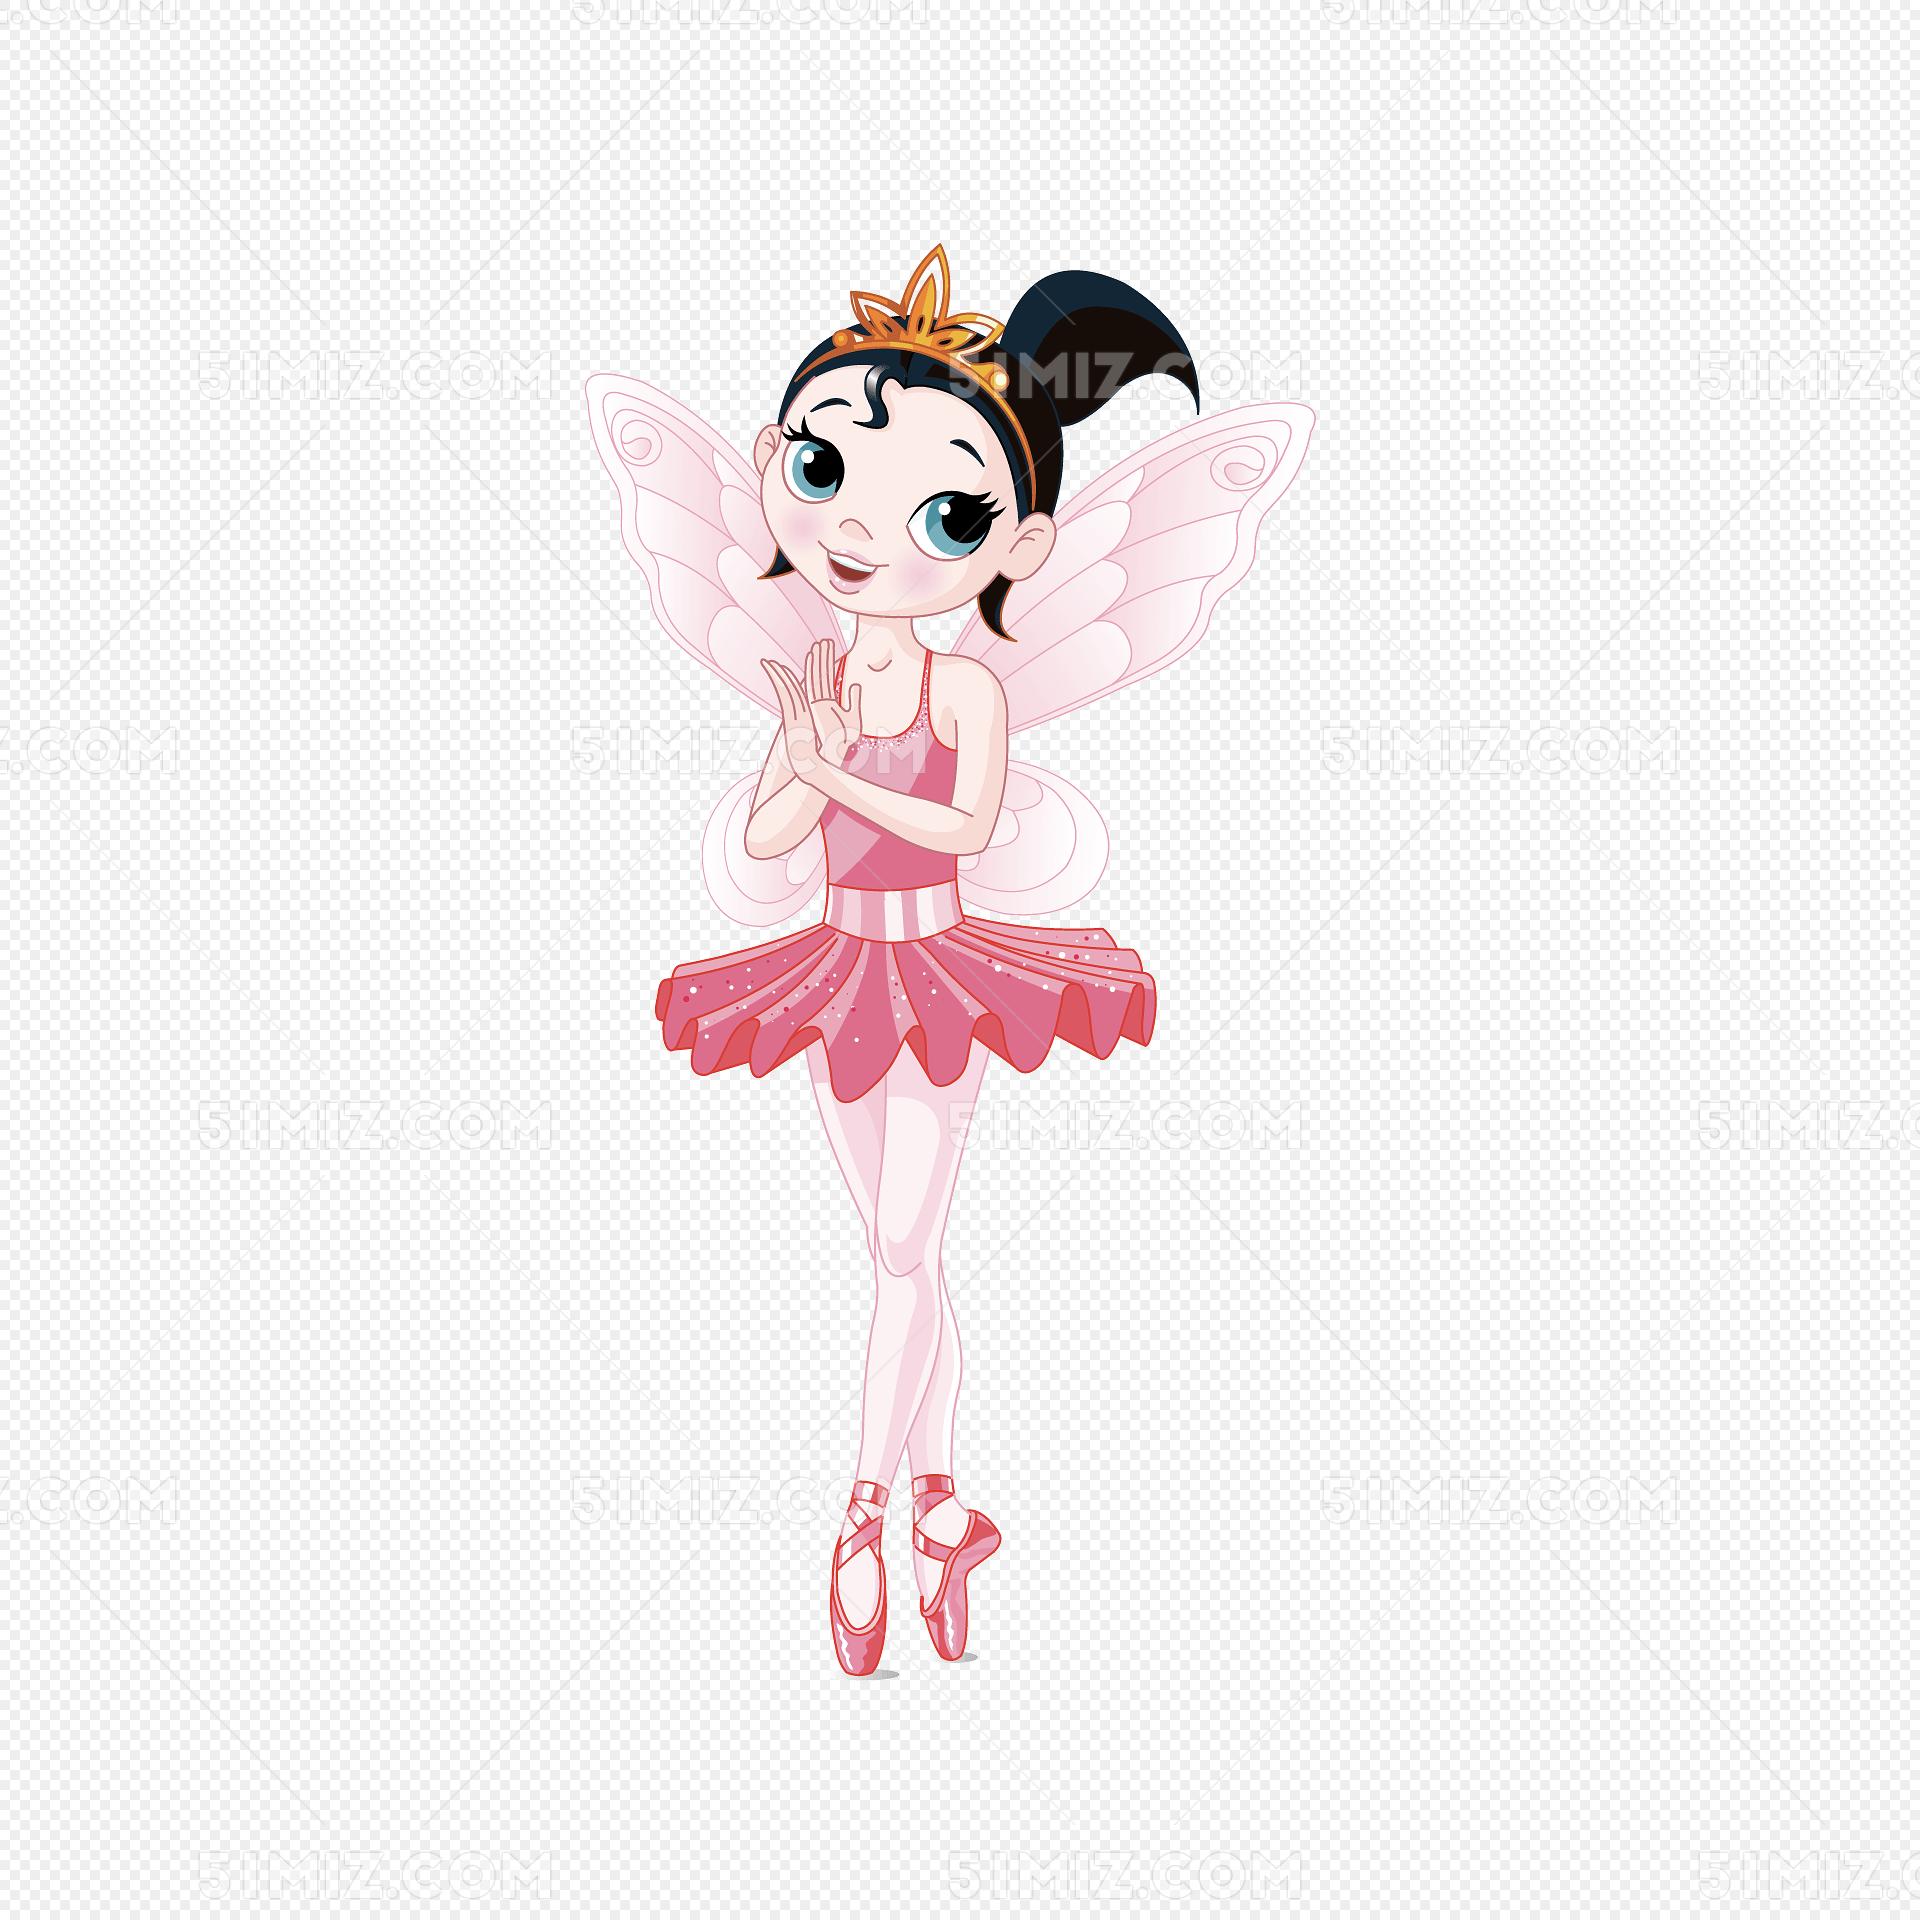 矢量兒童舞蹈粉色芭蕾圖片素材免費下載_覓知網